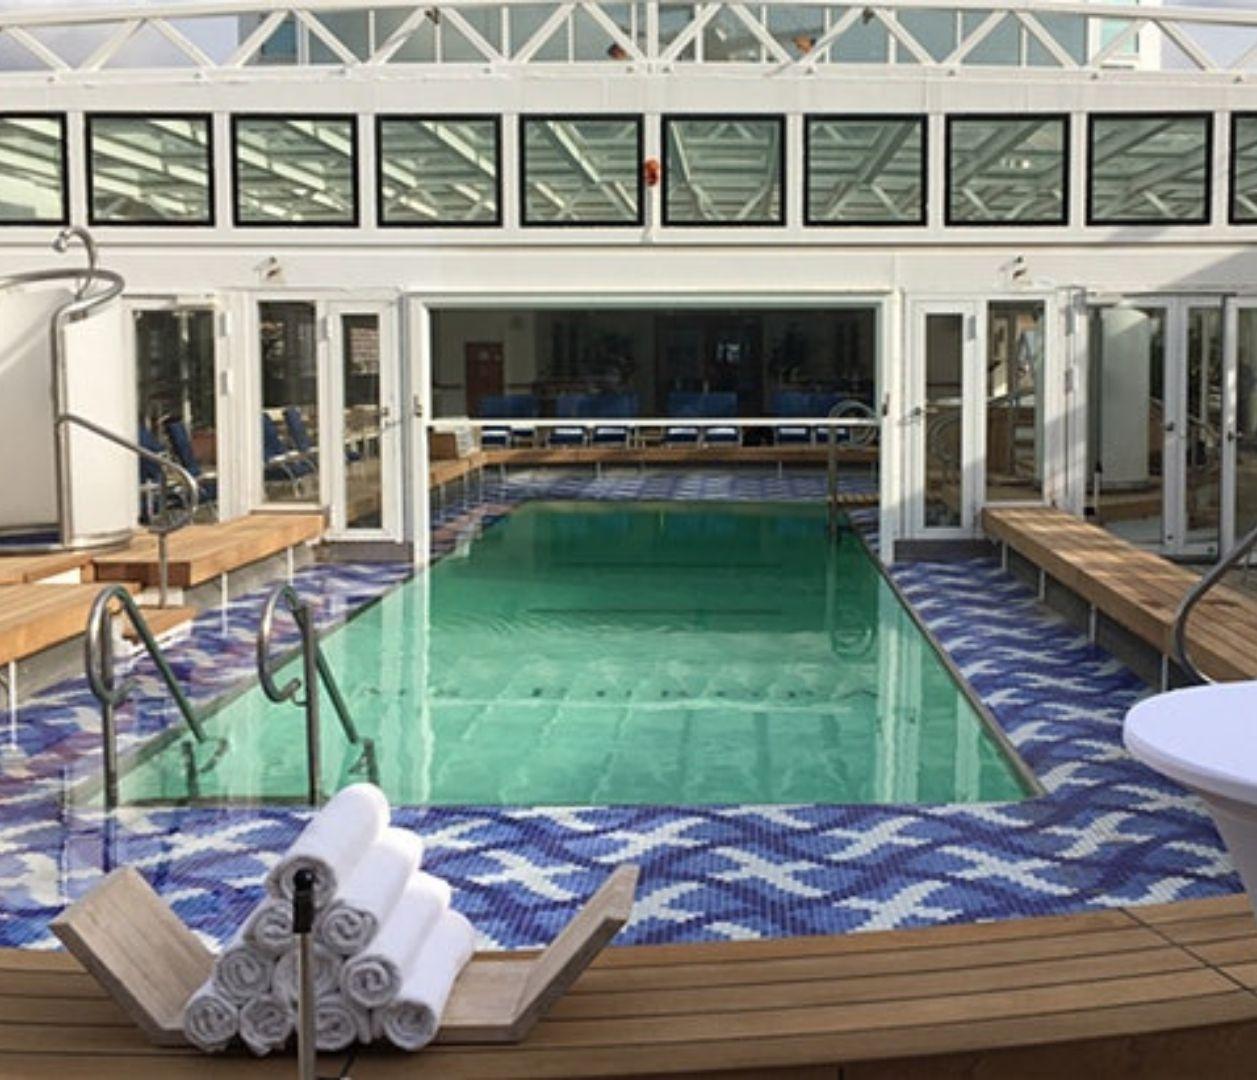 MS EUROPA Pool